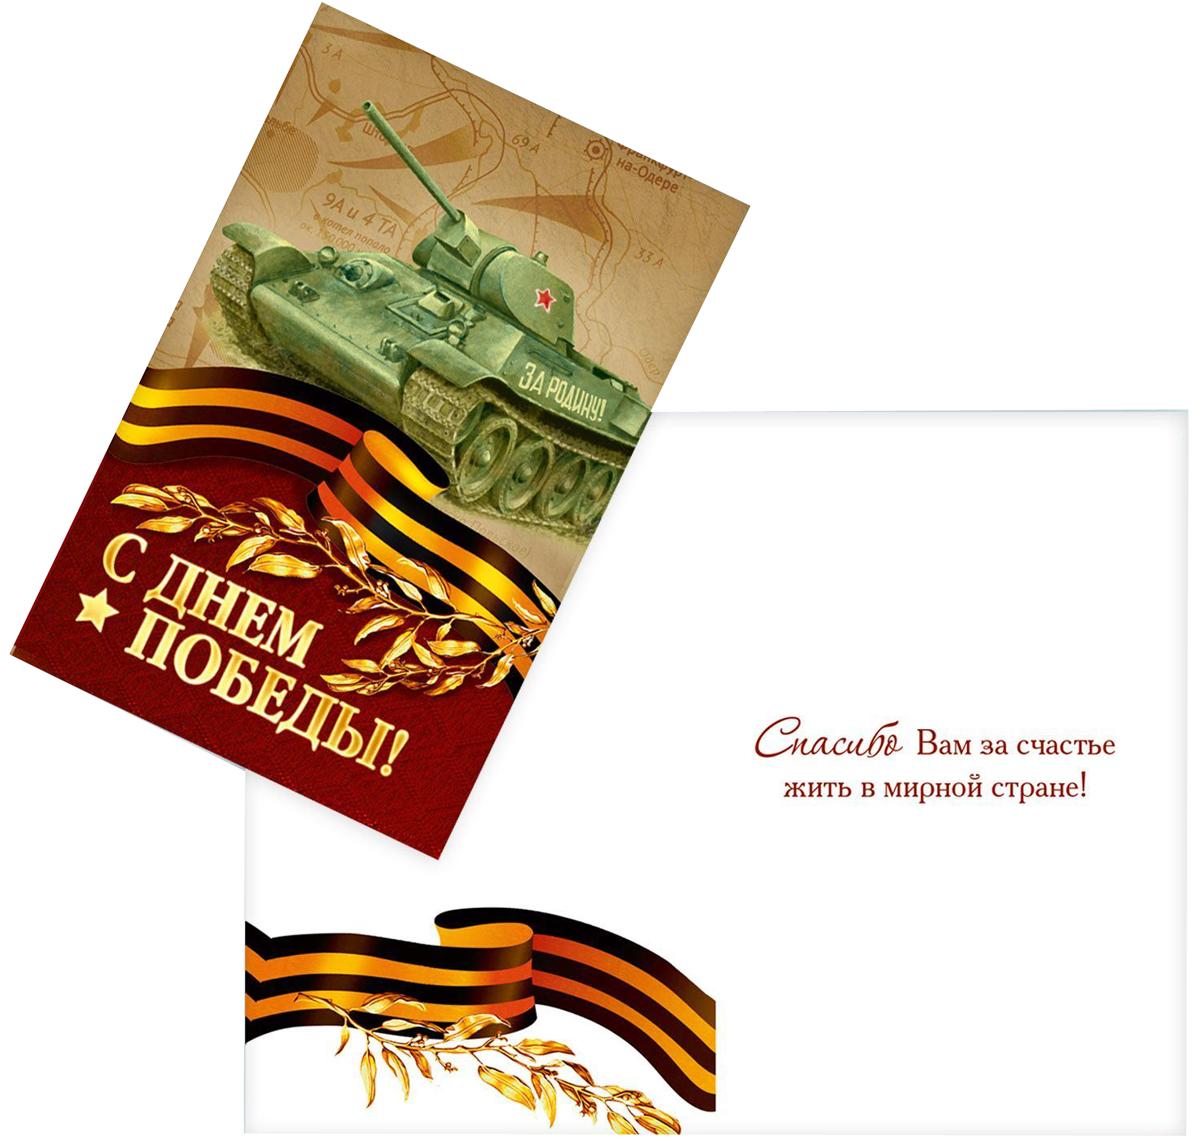 Открытка Дарите cчастье С днем Победы! Танк, 9 х 6 см2123614Праздники — это отличный повод встретиться с родными и друзьями, провести вместе время. Поздравьте близких и дорогих вам людей, подарив им карточку с тёплыми пожеланиями.Мини-открытка не содержит текста, но имеет красивый дизайнерский рисунок. Такая яркая карточка станет прекрасным дополнением к основному подарку.Сохраните самые чудесные моменты жизни!